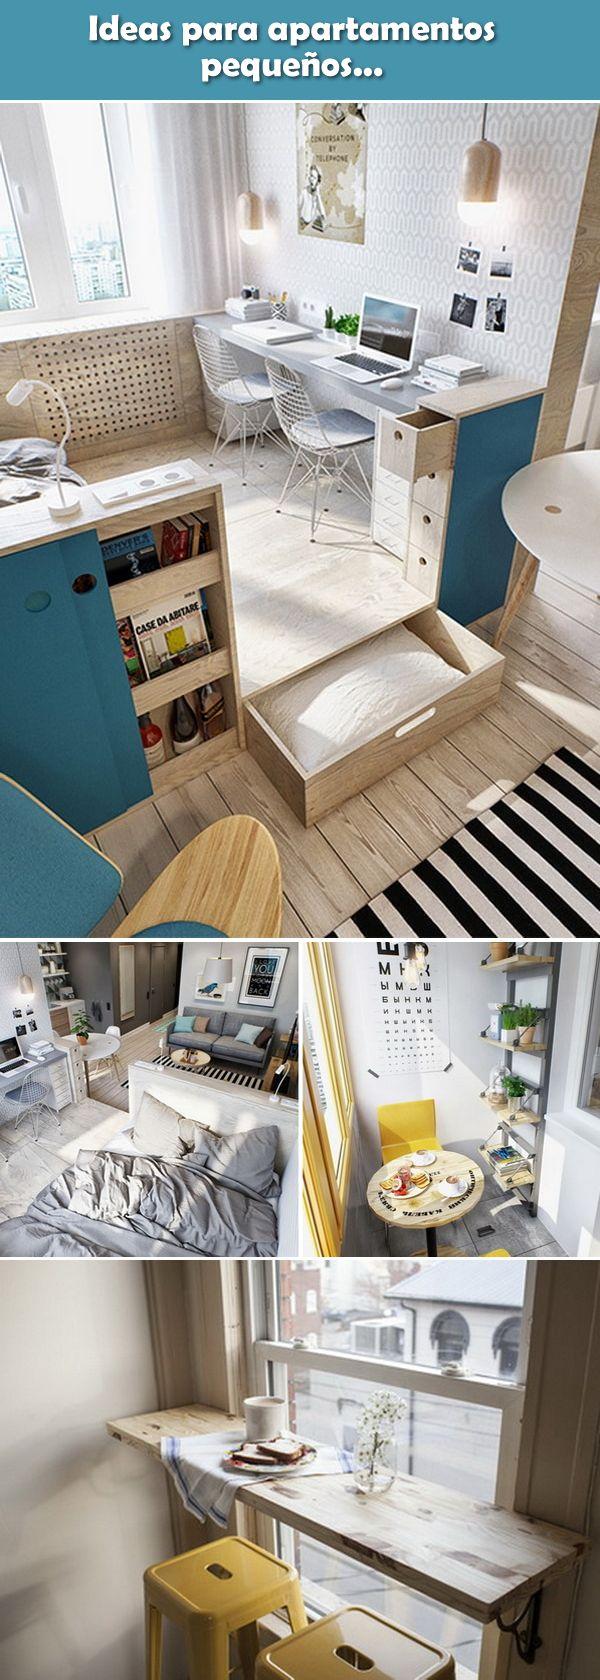 Apartamentos pequeños. Ideas para casas pequeñas. Soluciones para espacios pequeños.